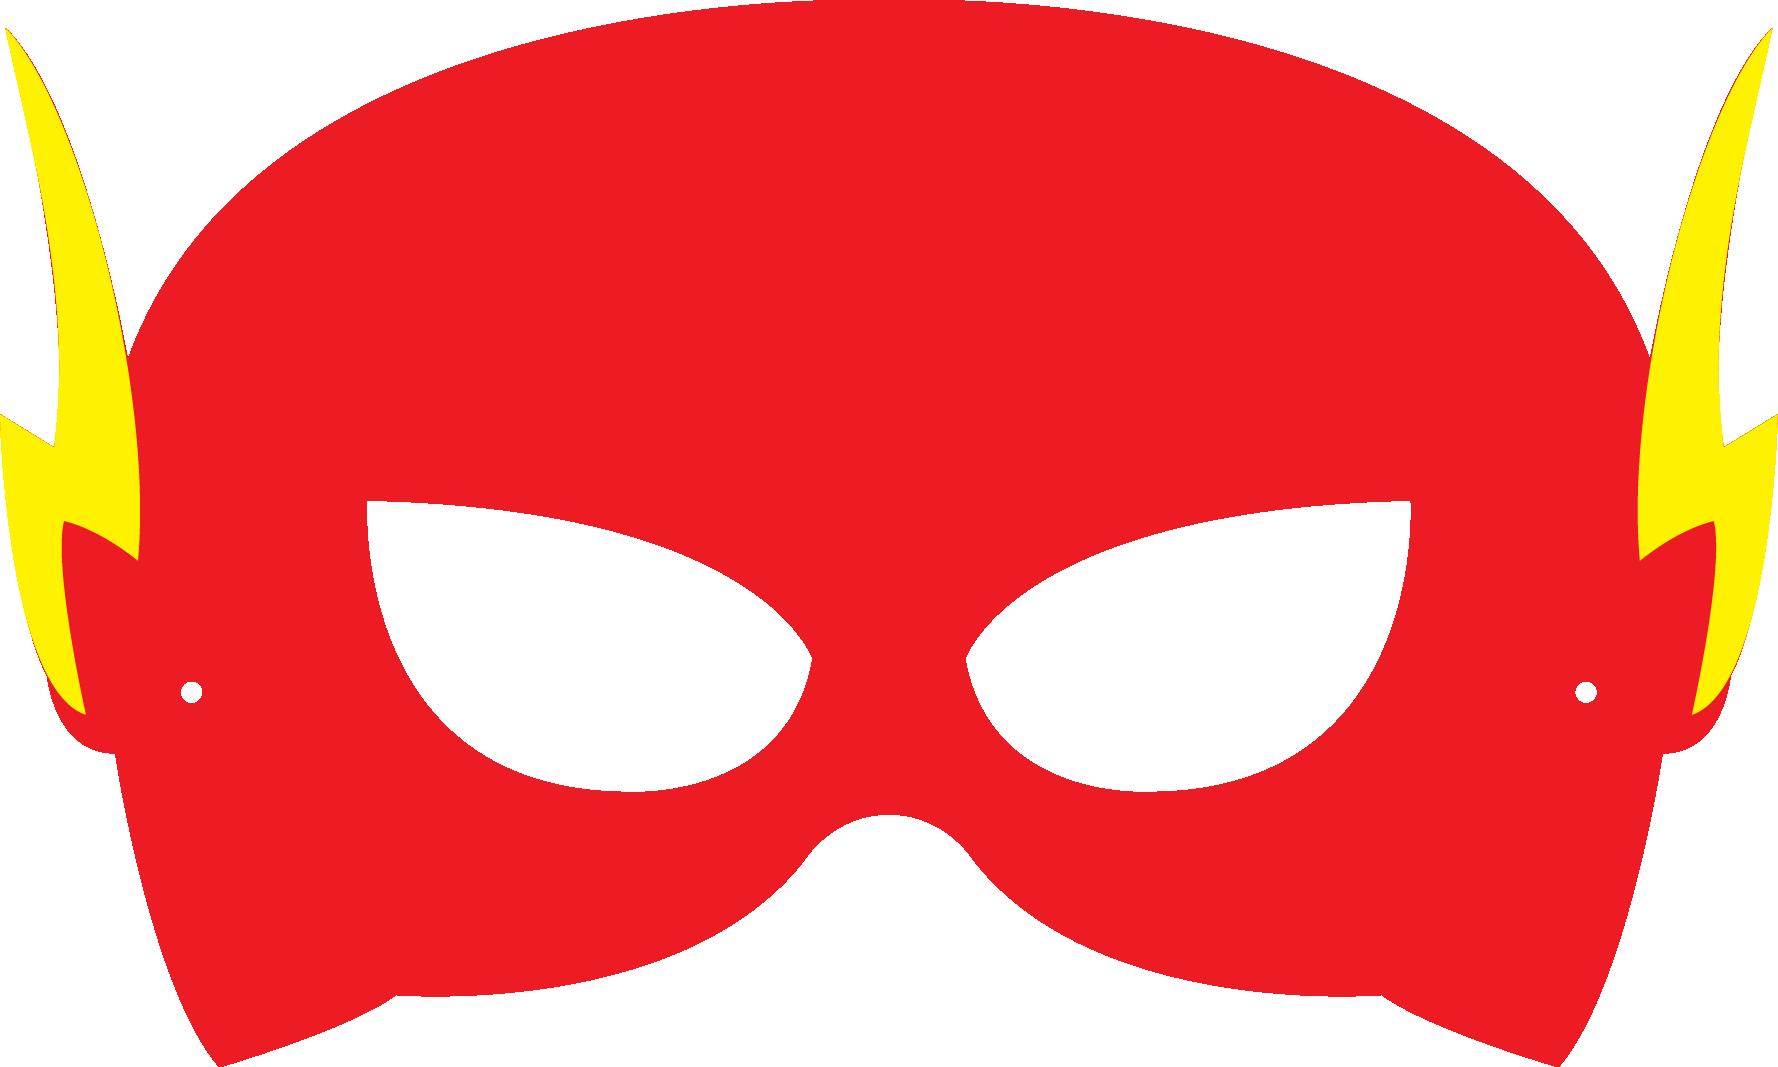 Red Natural Mask Png 470 Transparentpng